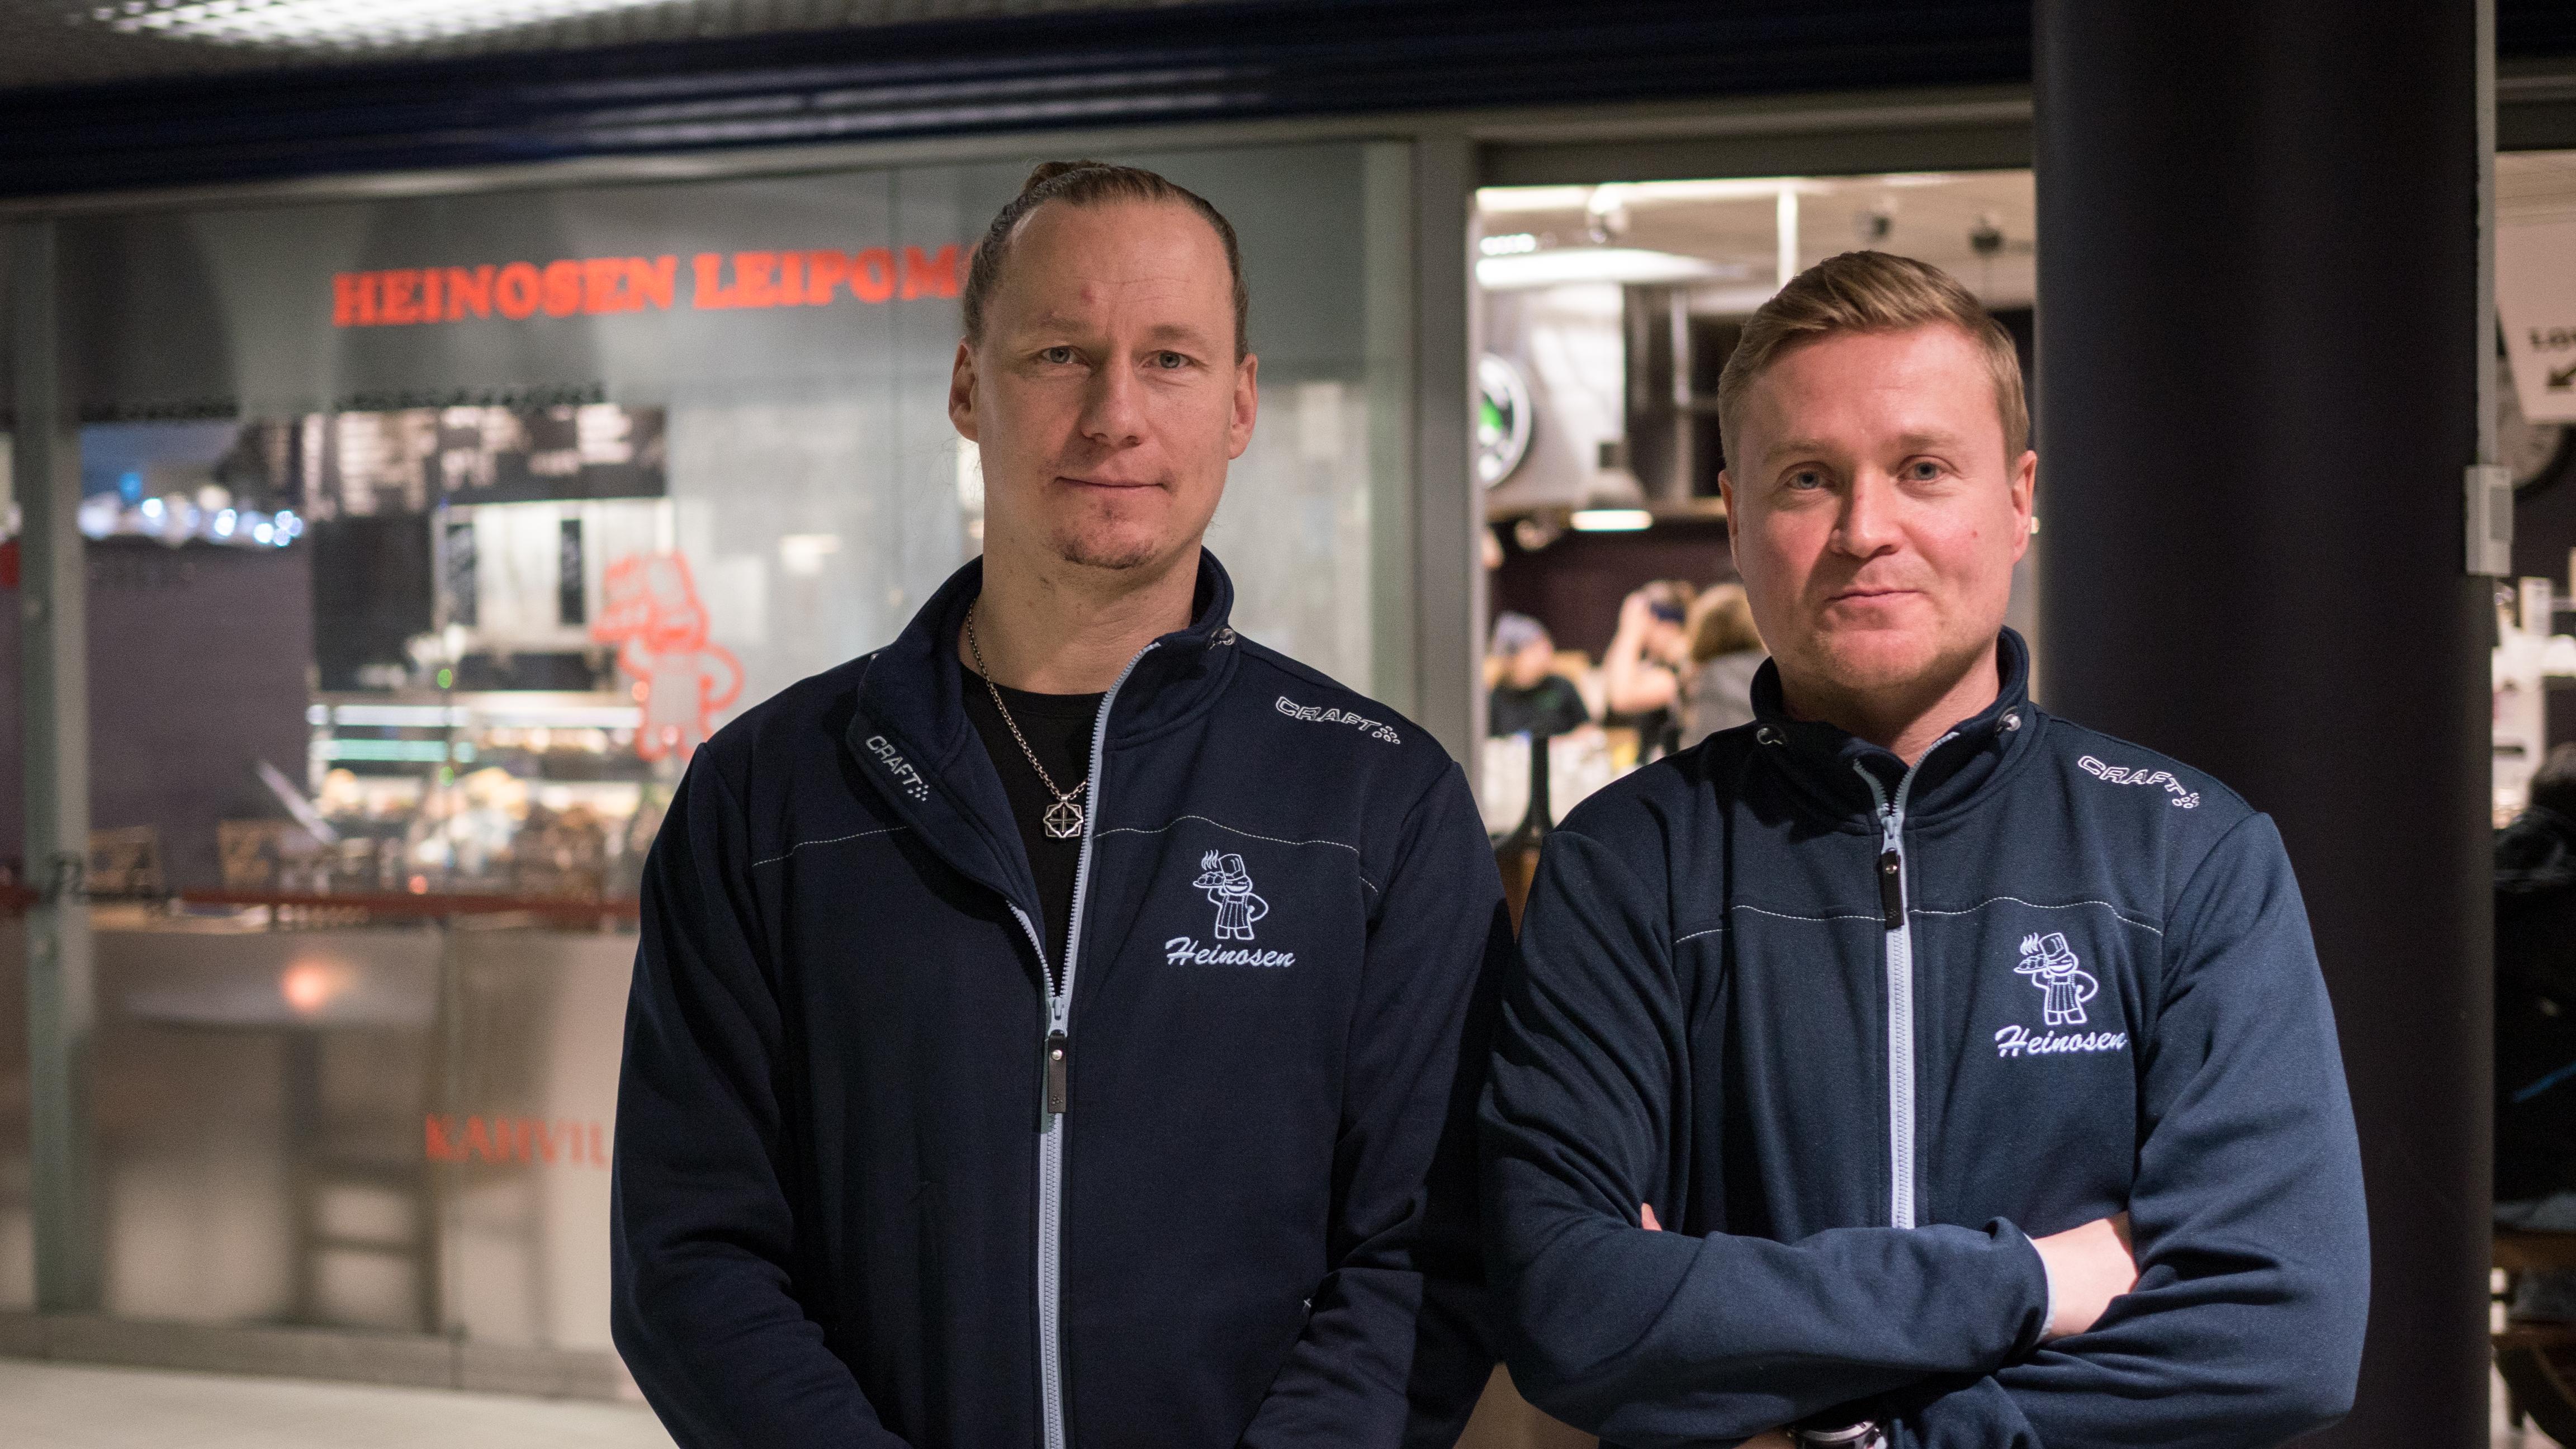 Heinosen Leipomon yrittäjät Hannu Voutilainen ja Petri Halonen